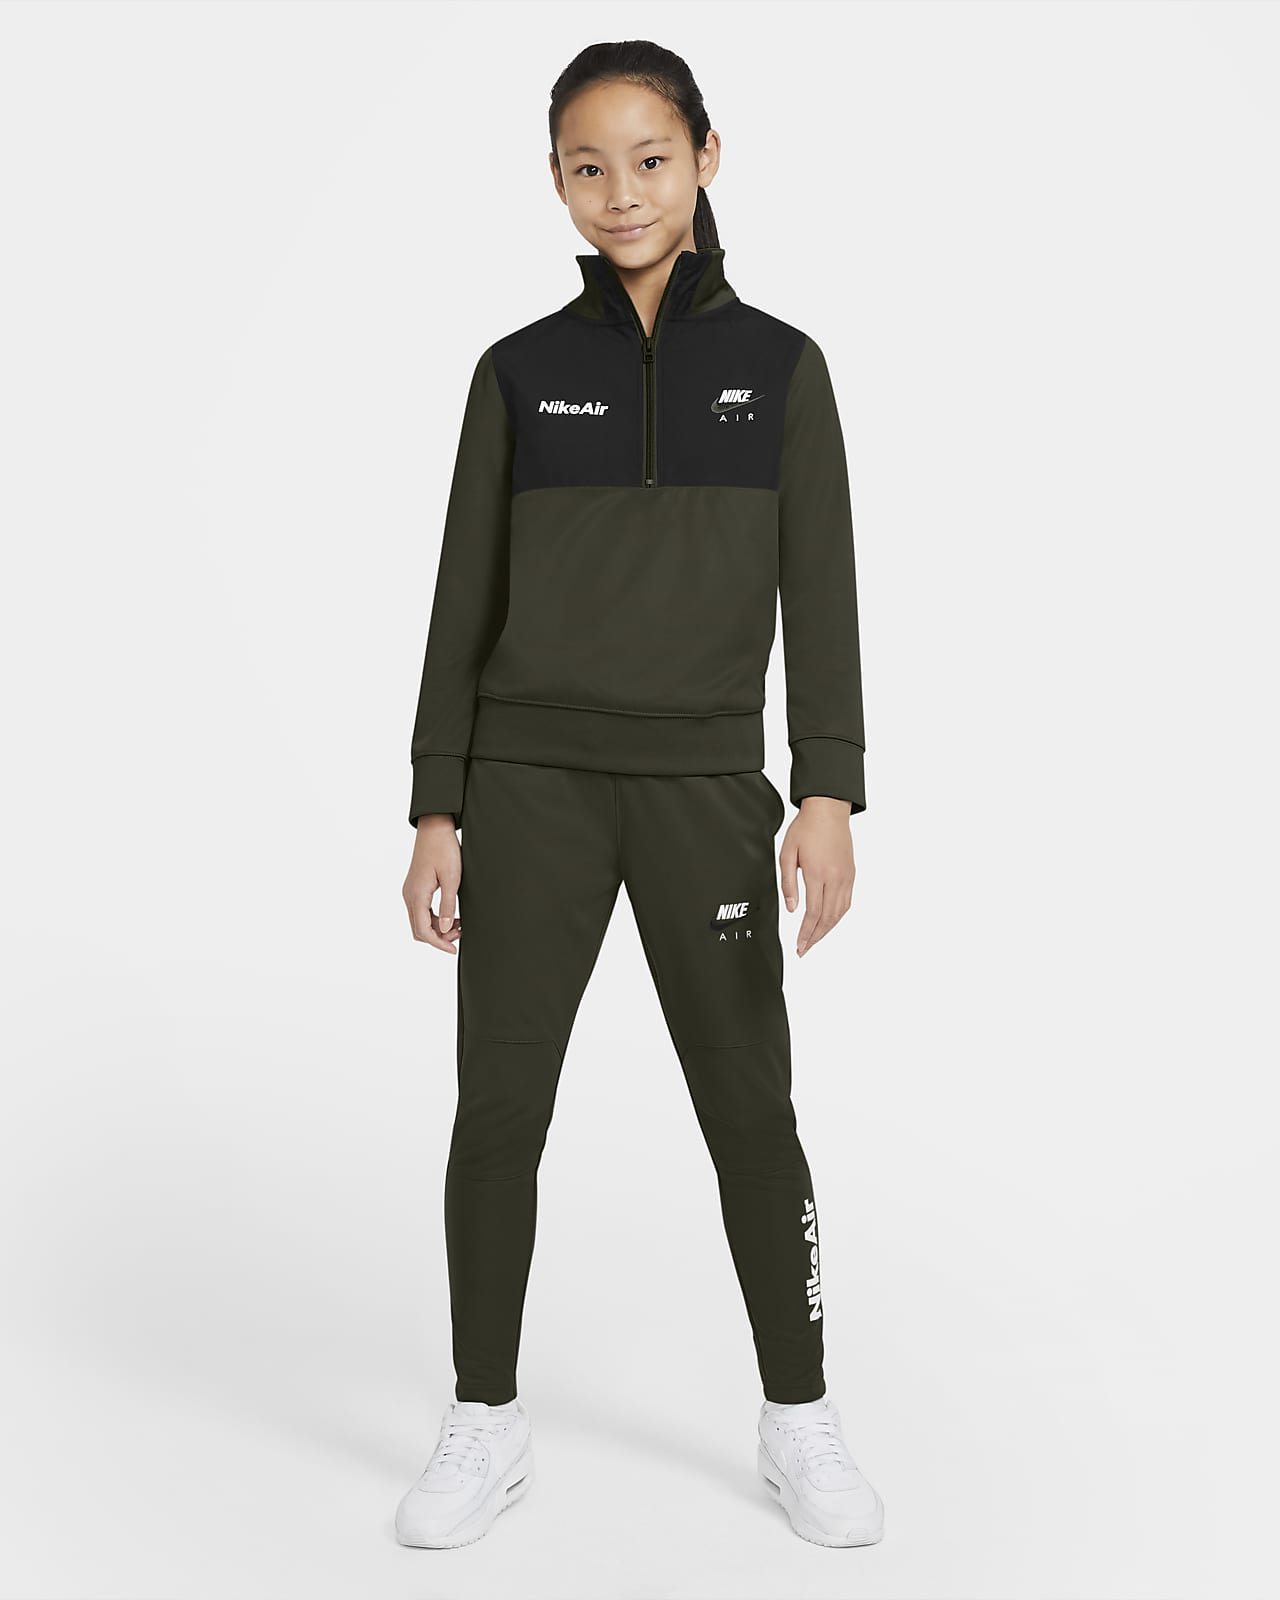 Nike Air Xandall - Nen/a